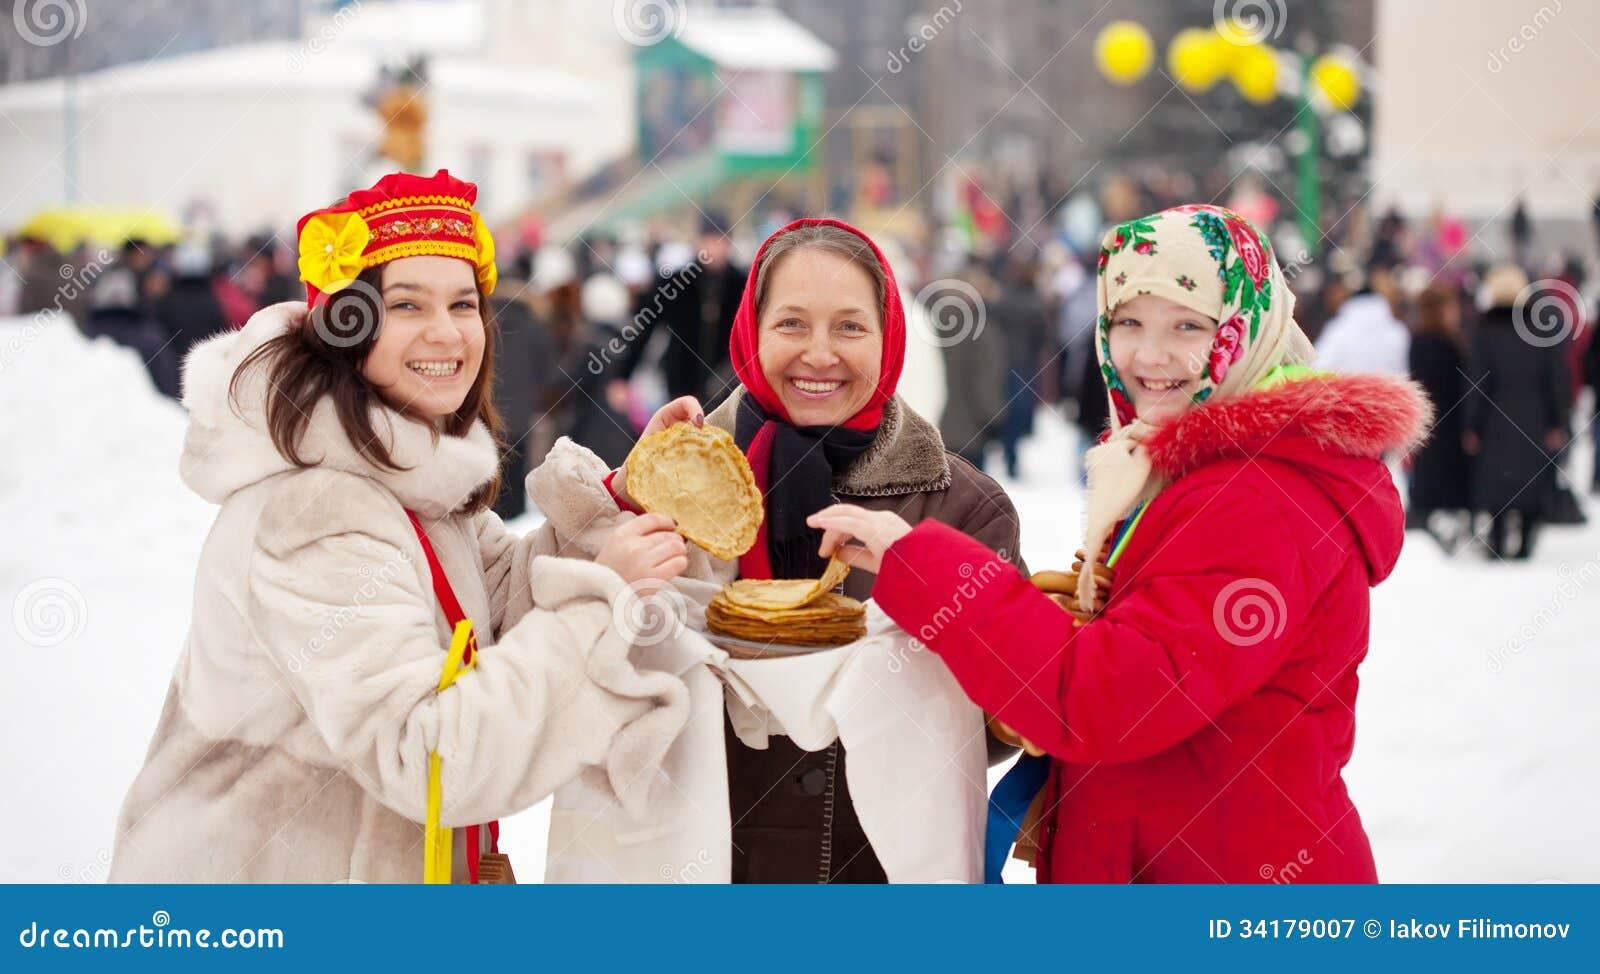 Women eating pancakes during Maslenitsa